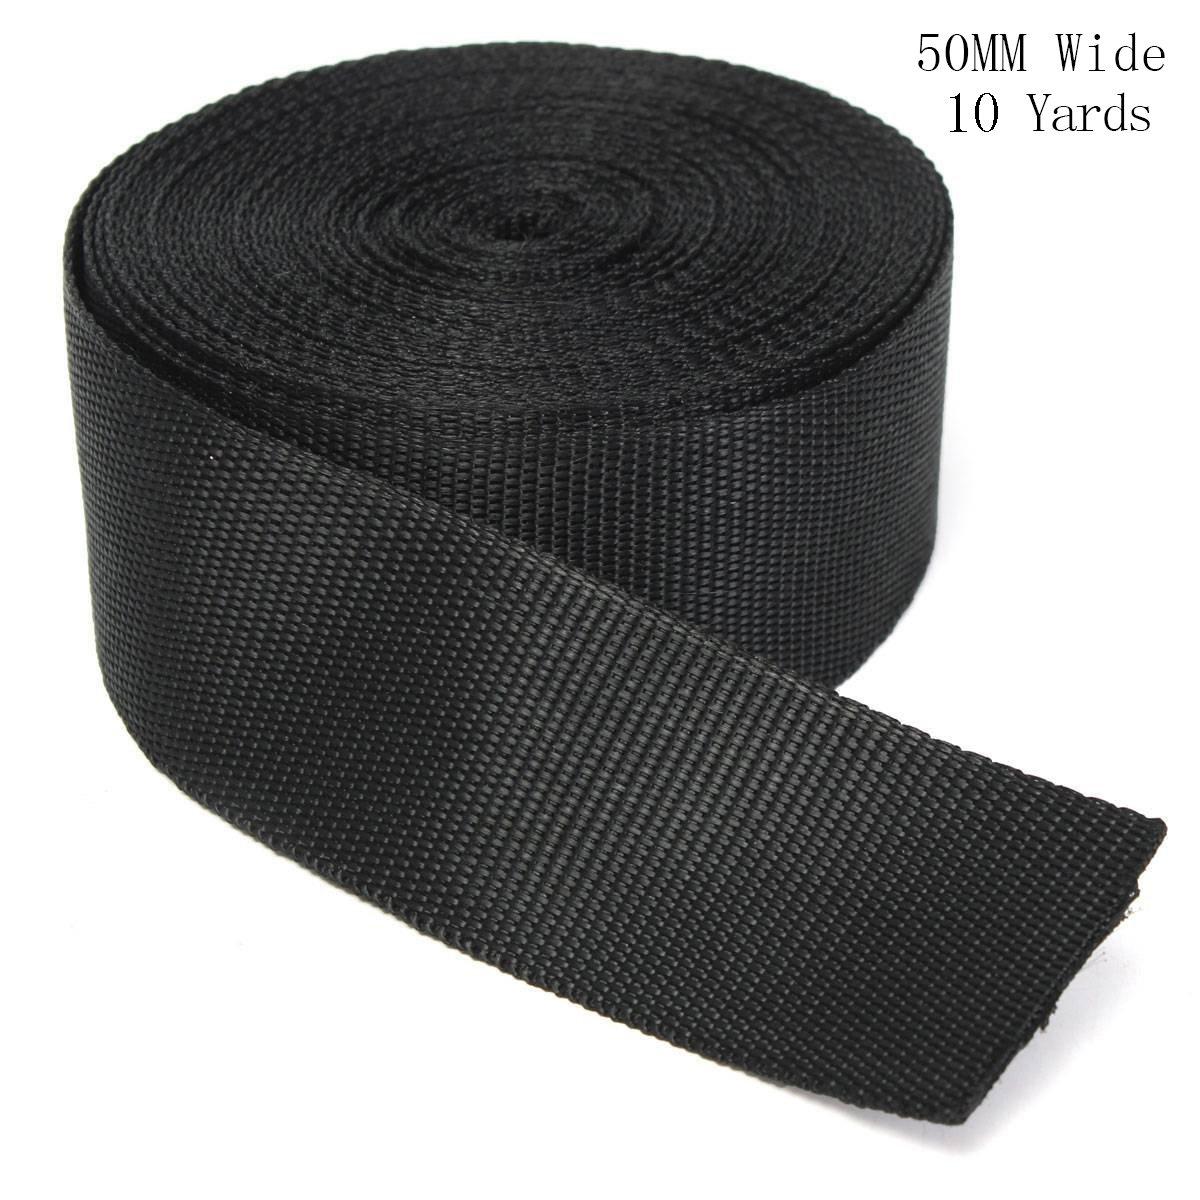 RETON Black Nylon Heavy Polypro Webbing Straps (15MM, 10 Yards)